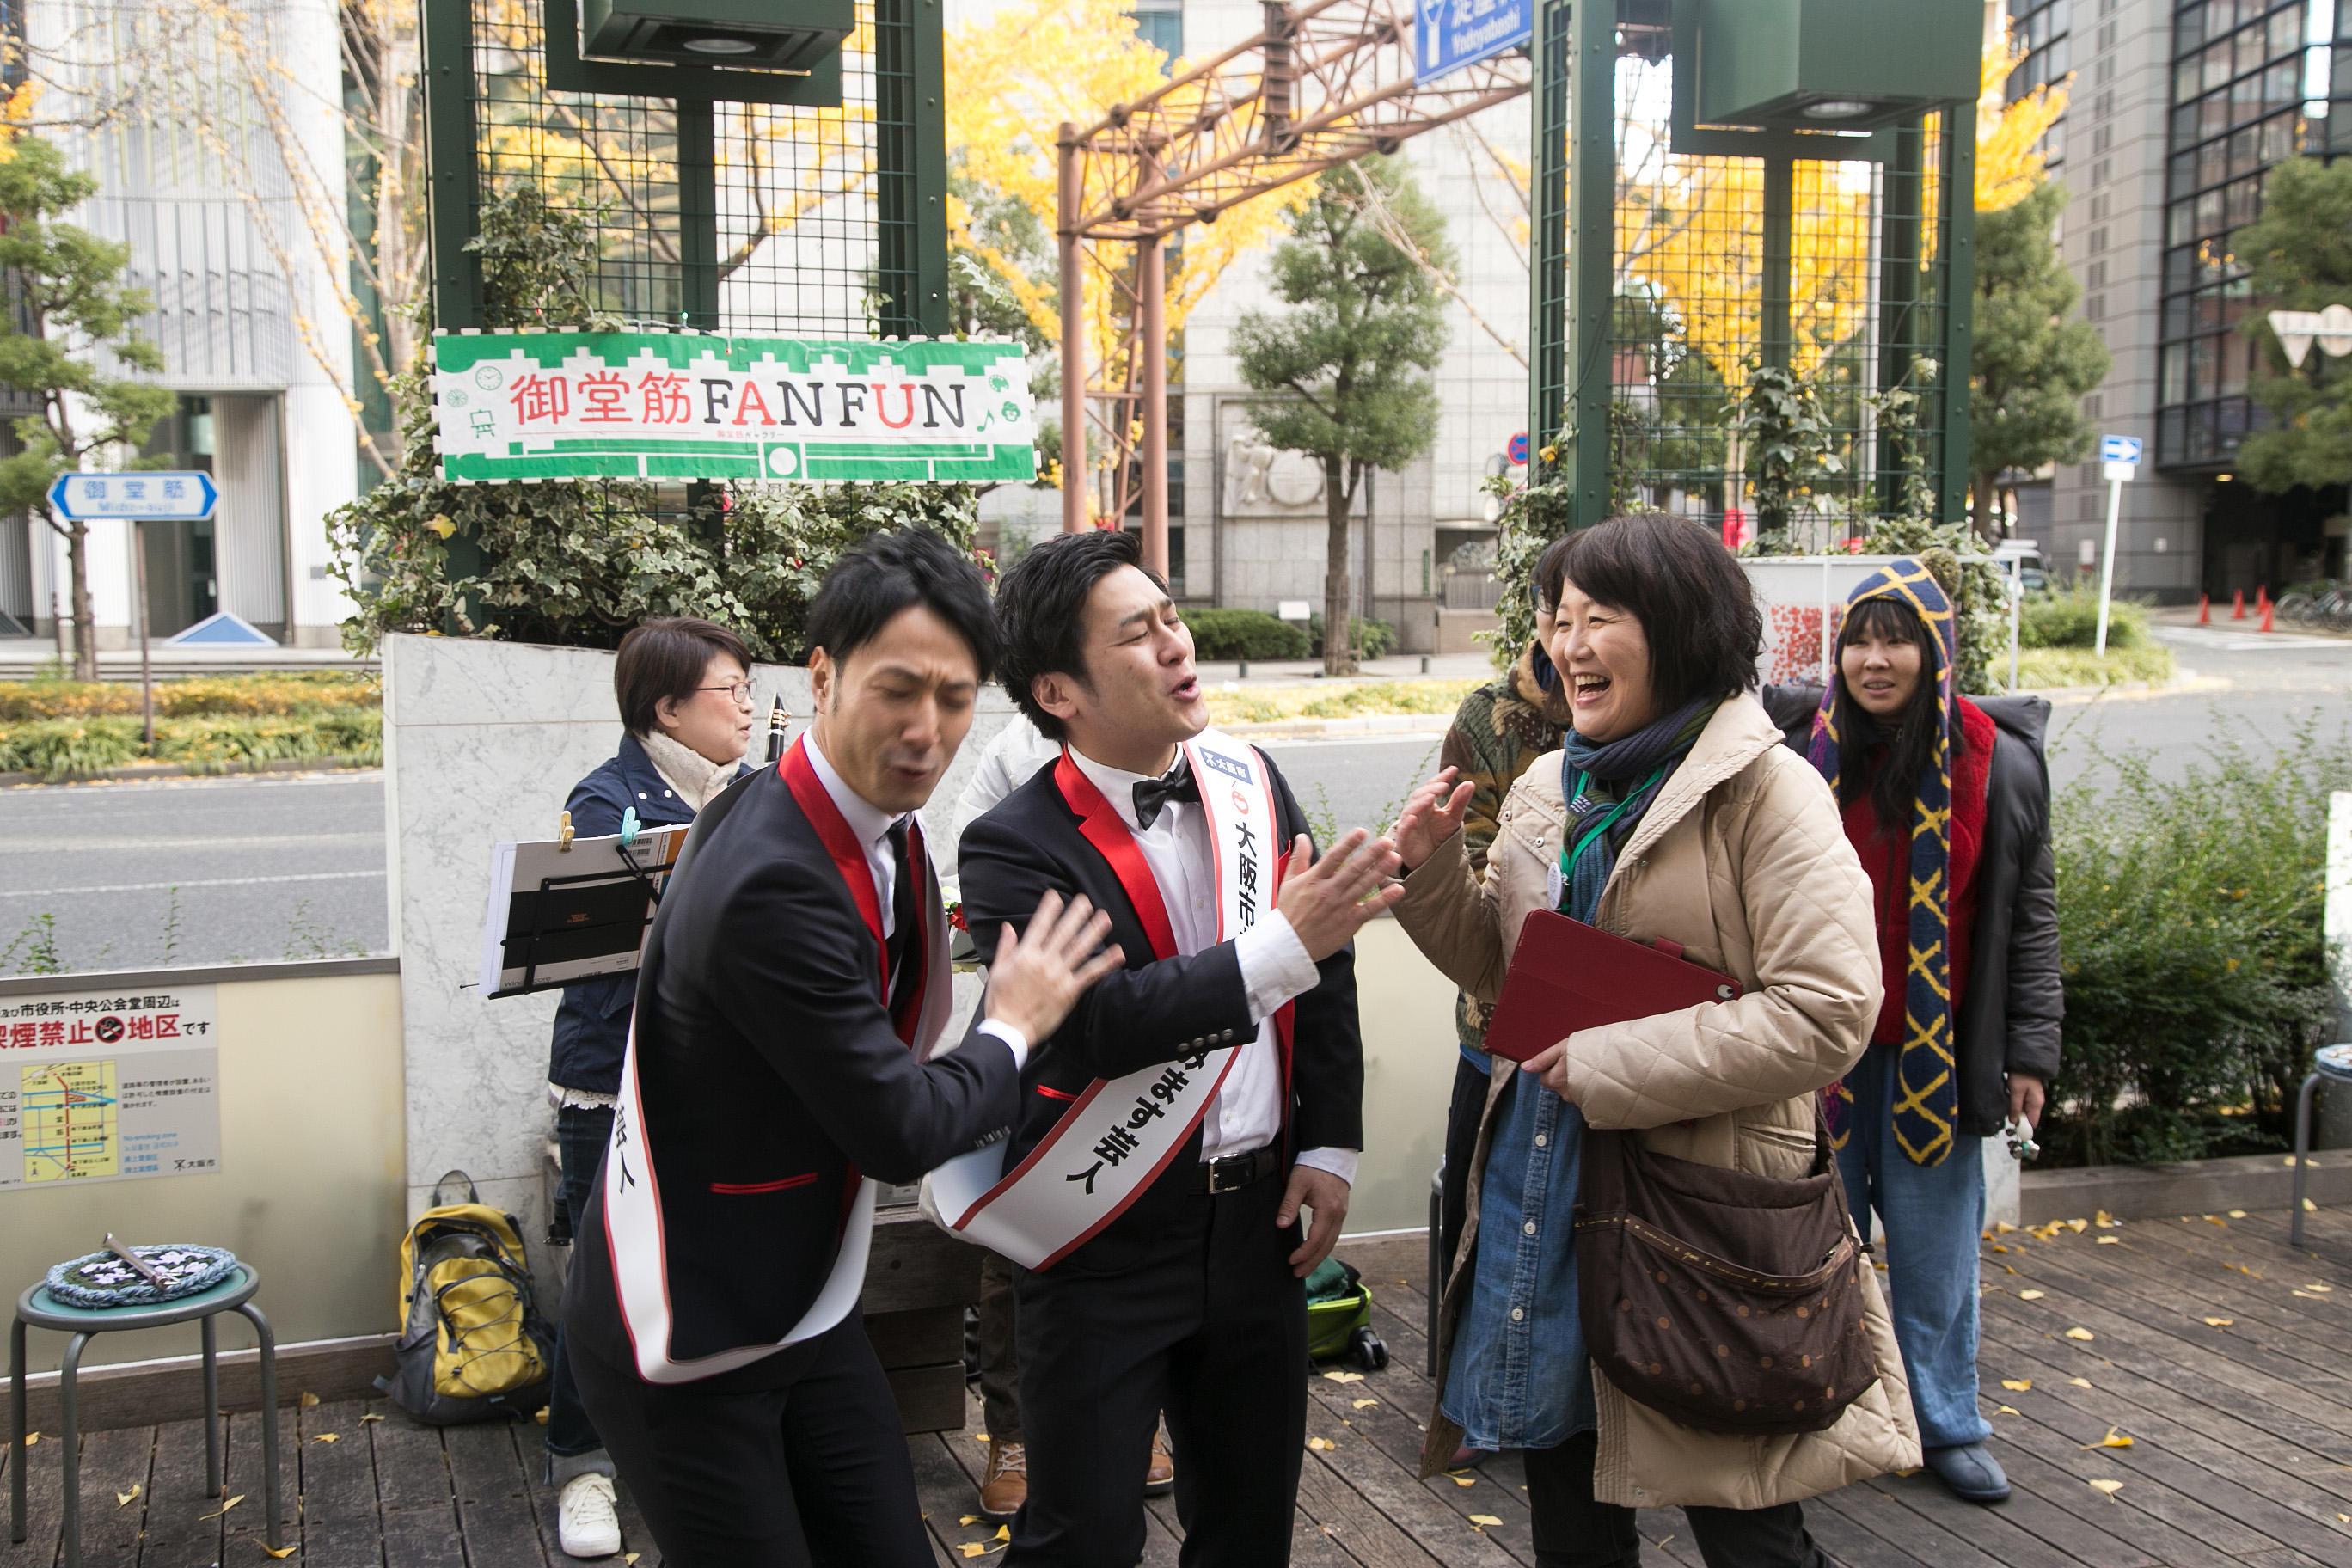 http://news.yoshimoto.co.jp/20171203202212-d12309bbf7b10e9d068d2227dcc9f4000f50a34a.jpg